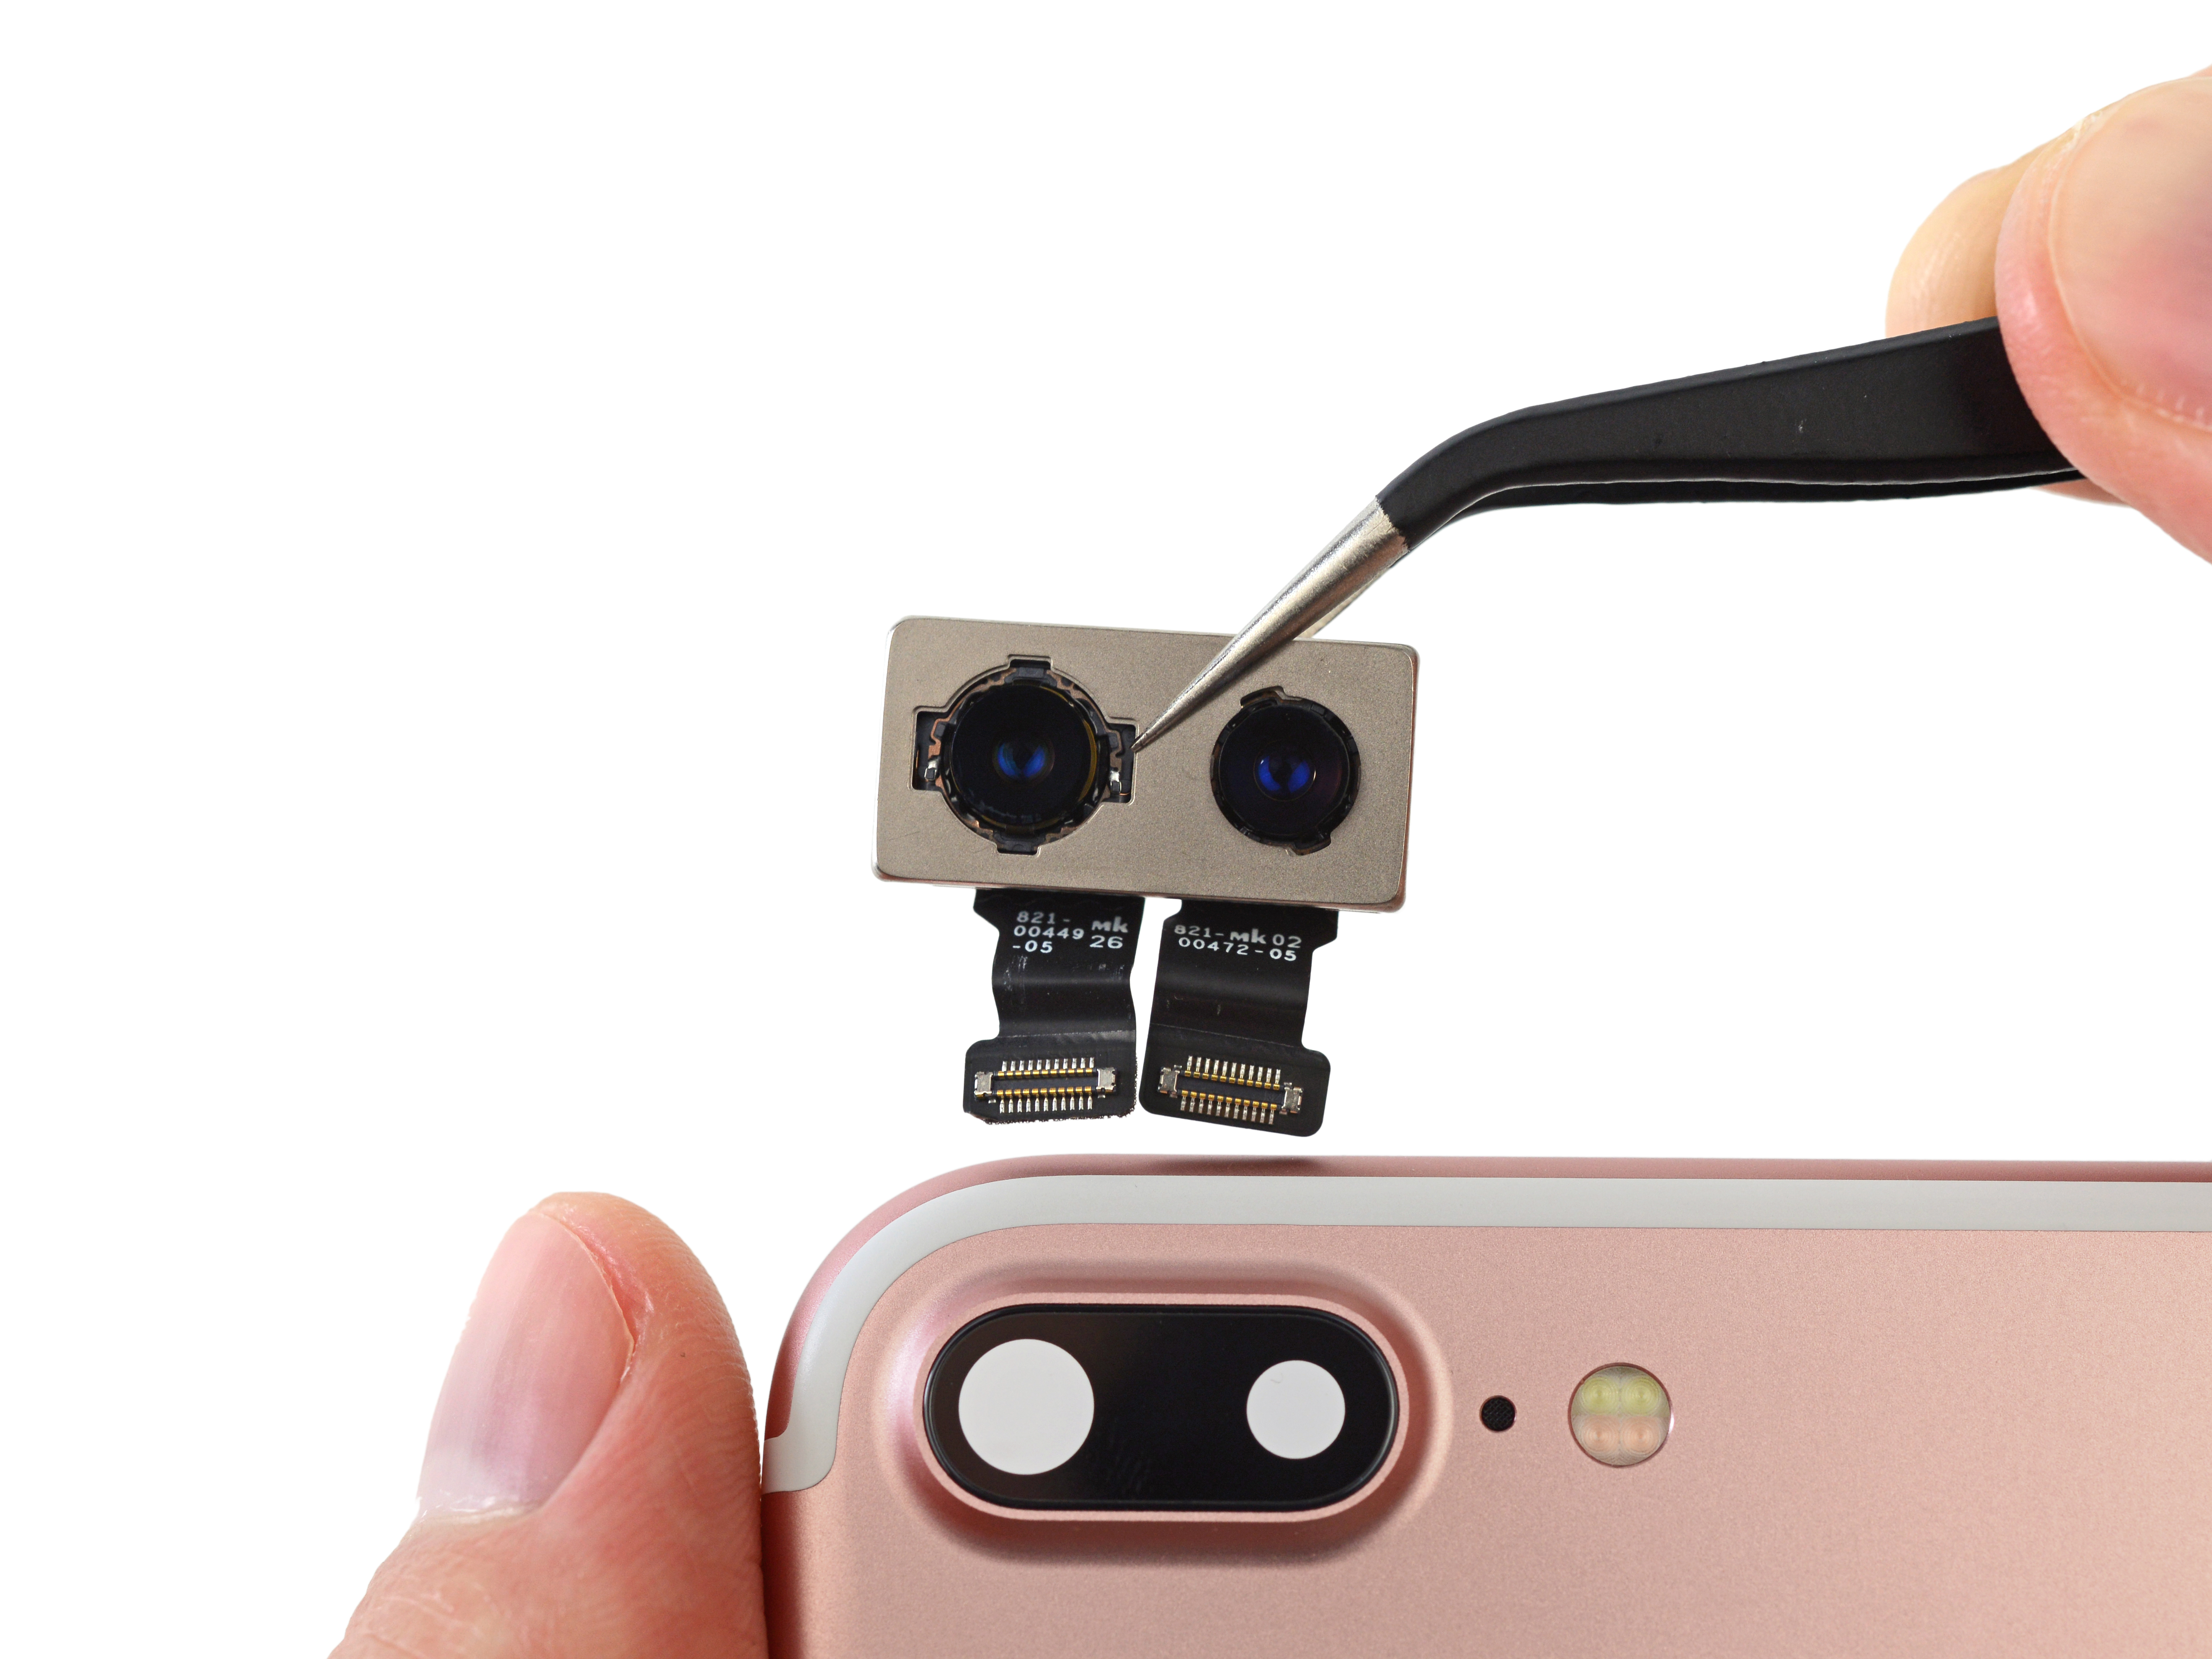 camera iphone 7 plus dezasamblat